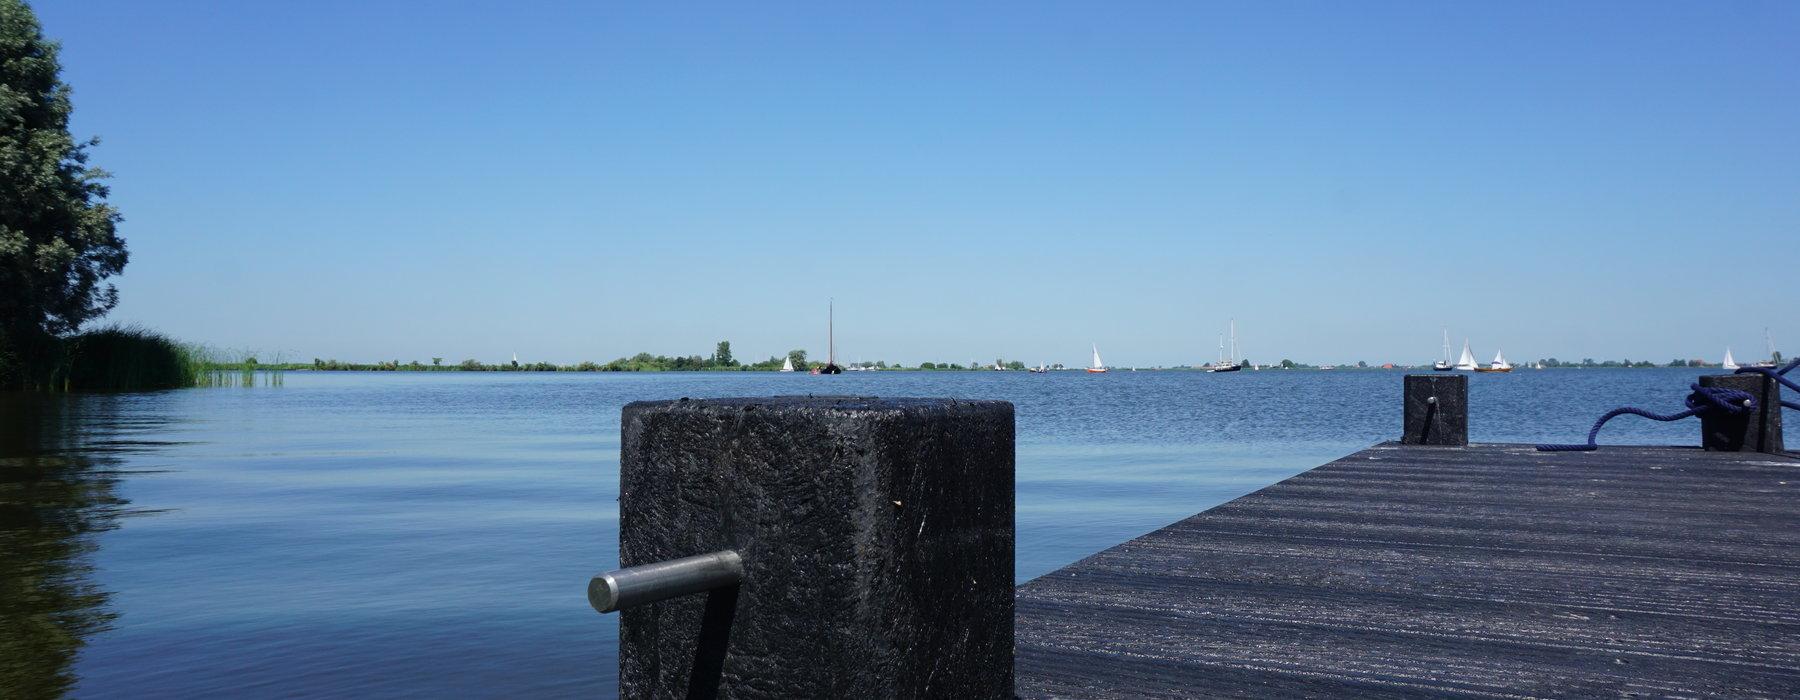 tourboot angelboot mieten in friesland de hoek watersport